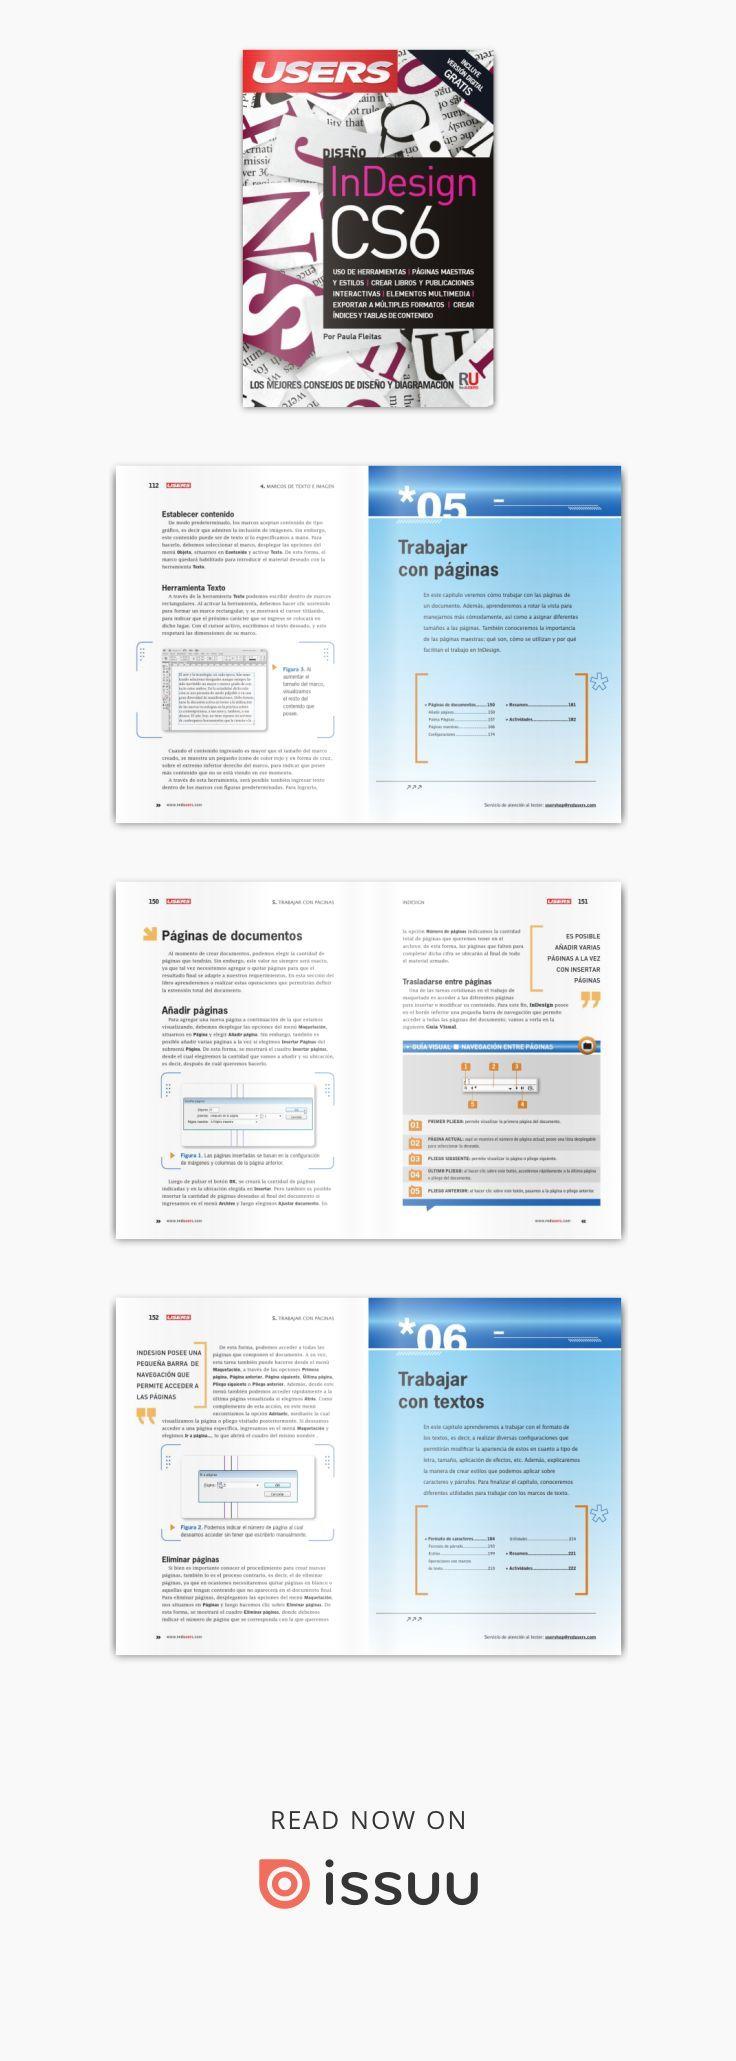 InDesign CS6 | Folletos, Maestros y Herramientas